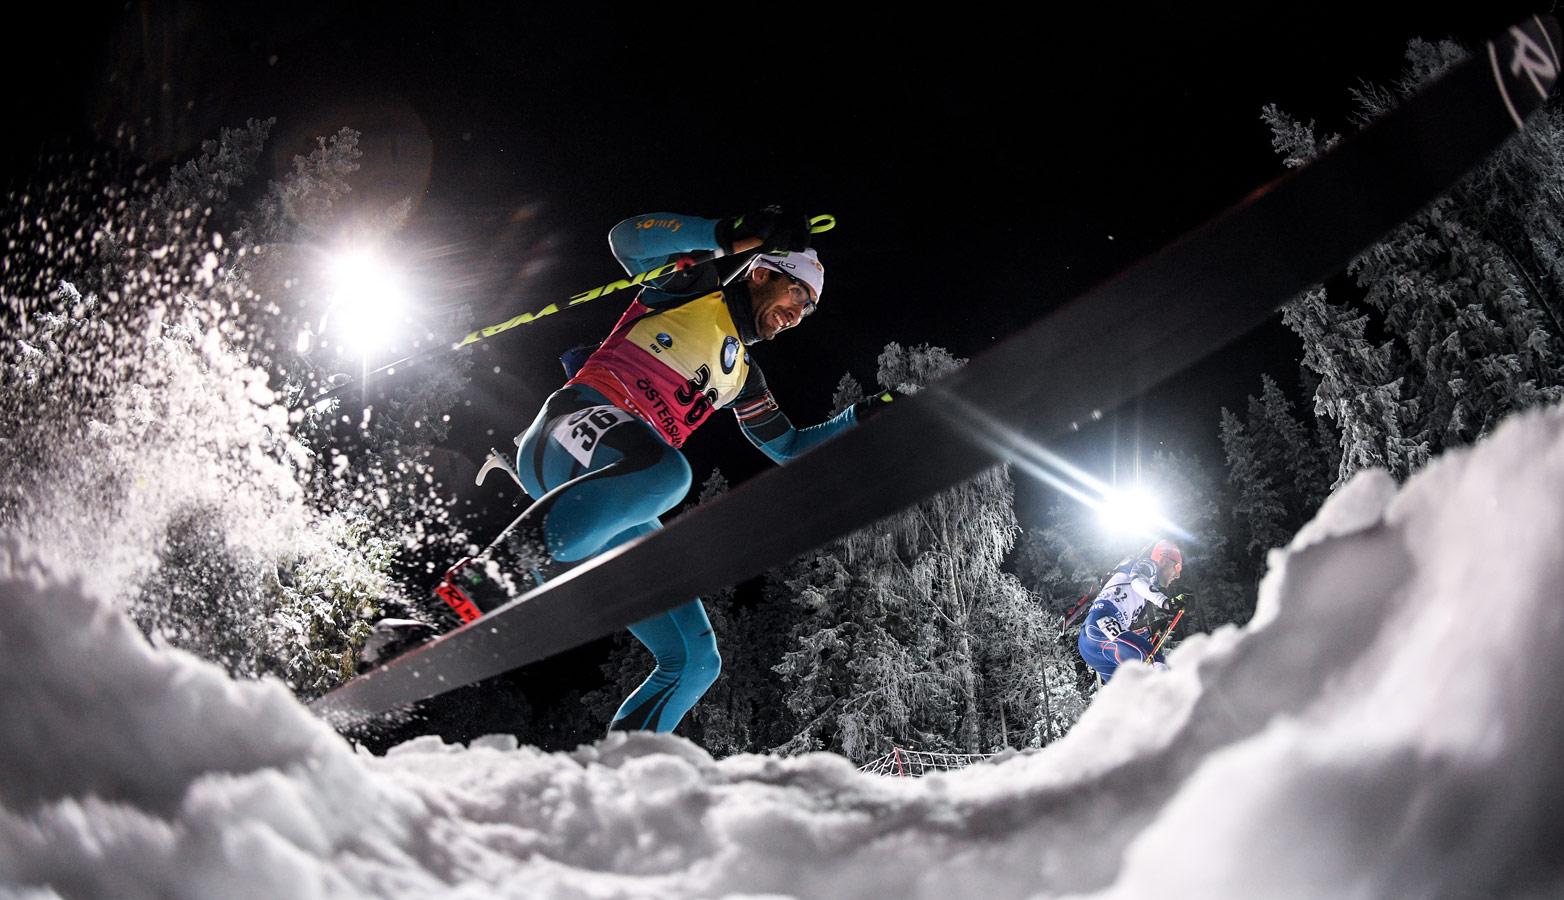 Биатлон, © Алексей Филиппов, Гран-при - Профессионал, Фотоконкурс Nikon «Я в сердце изображения»